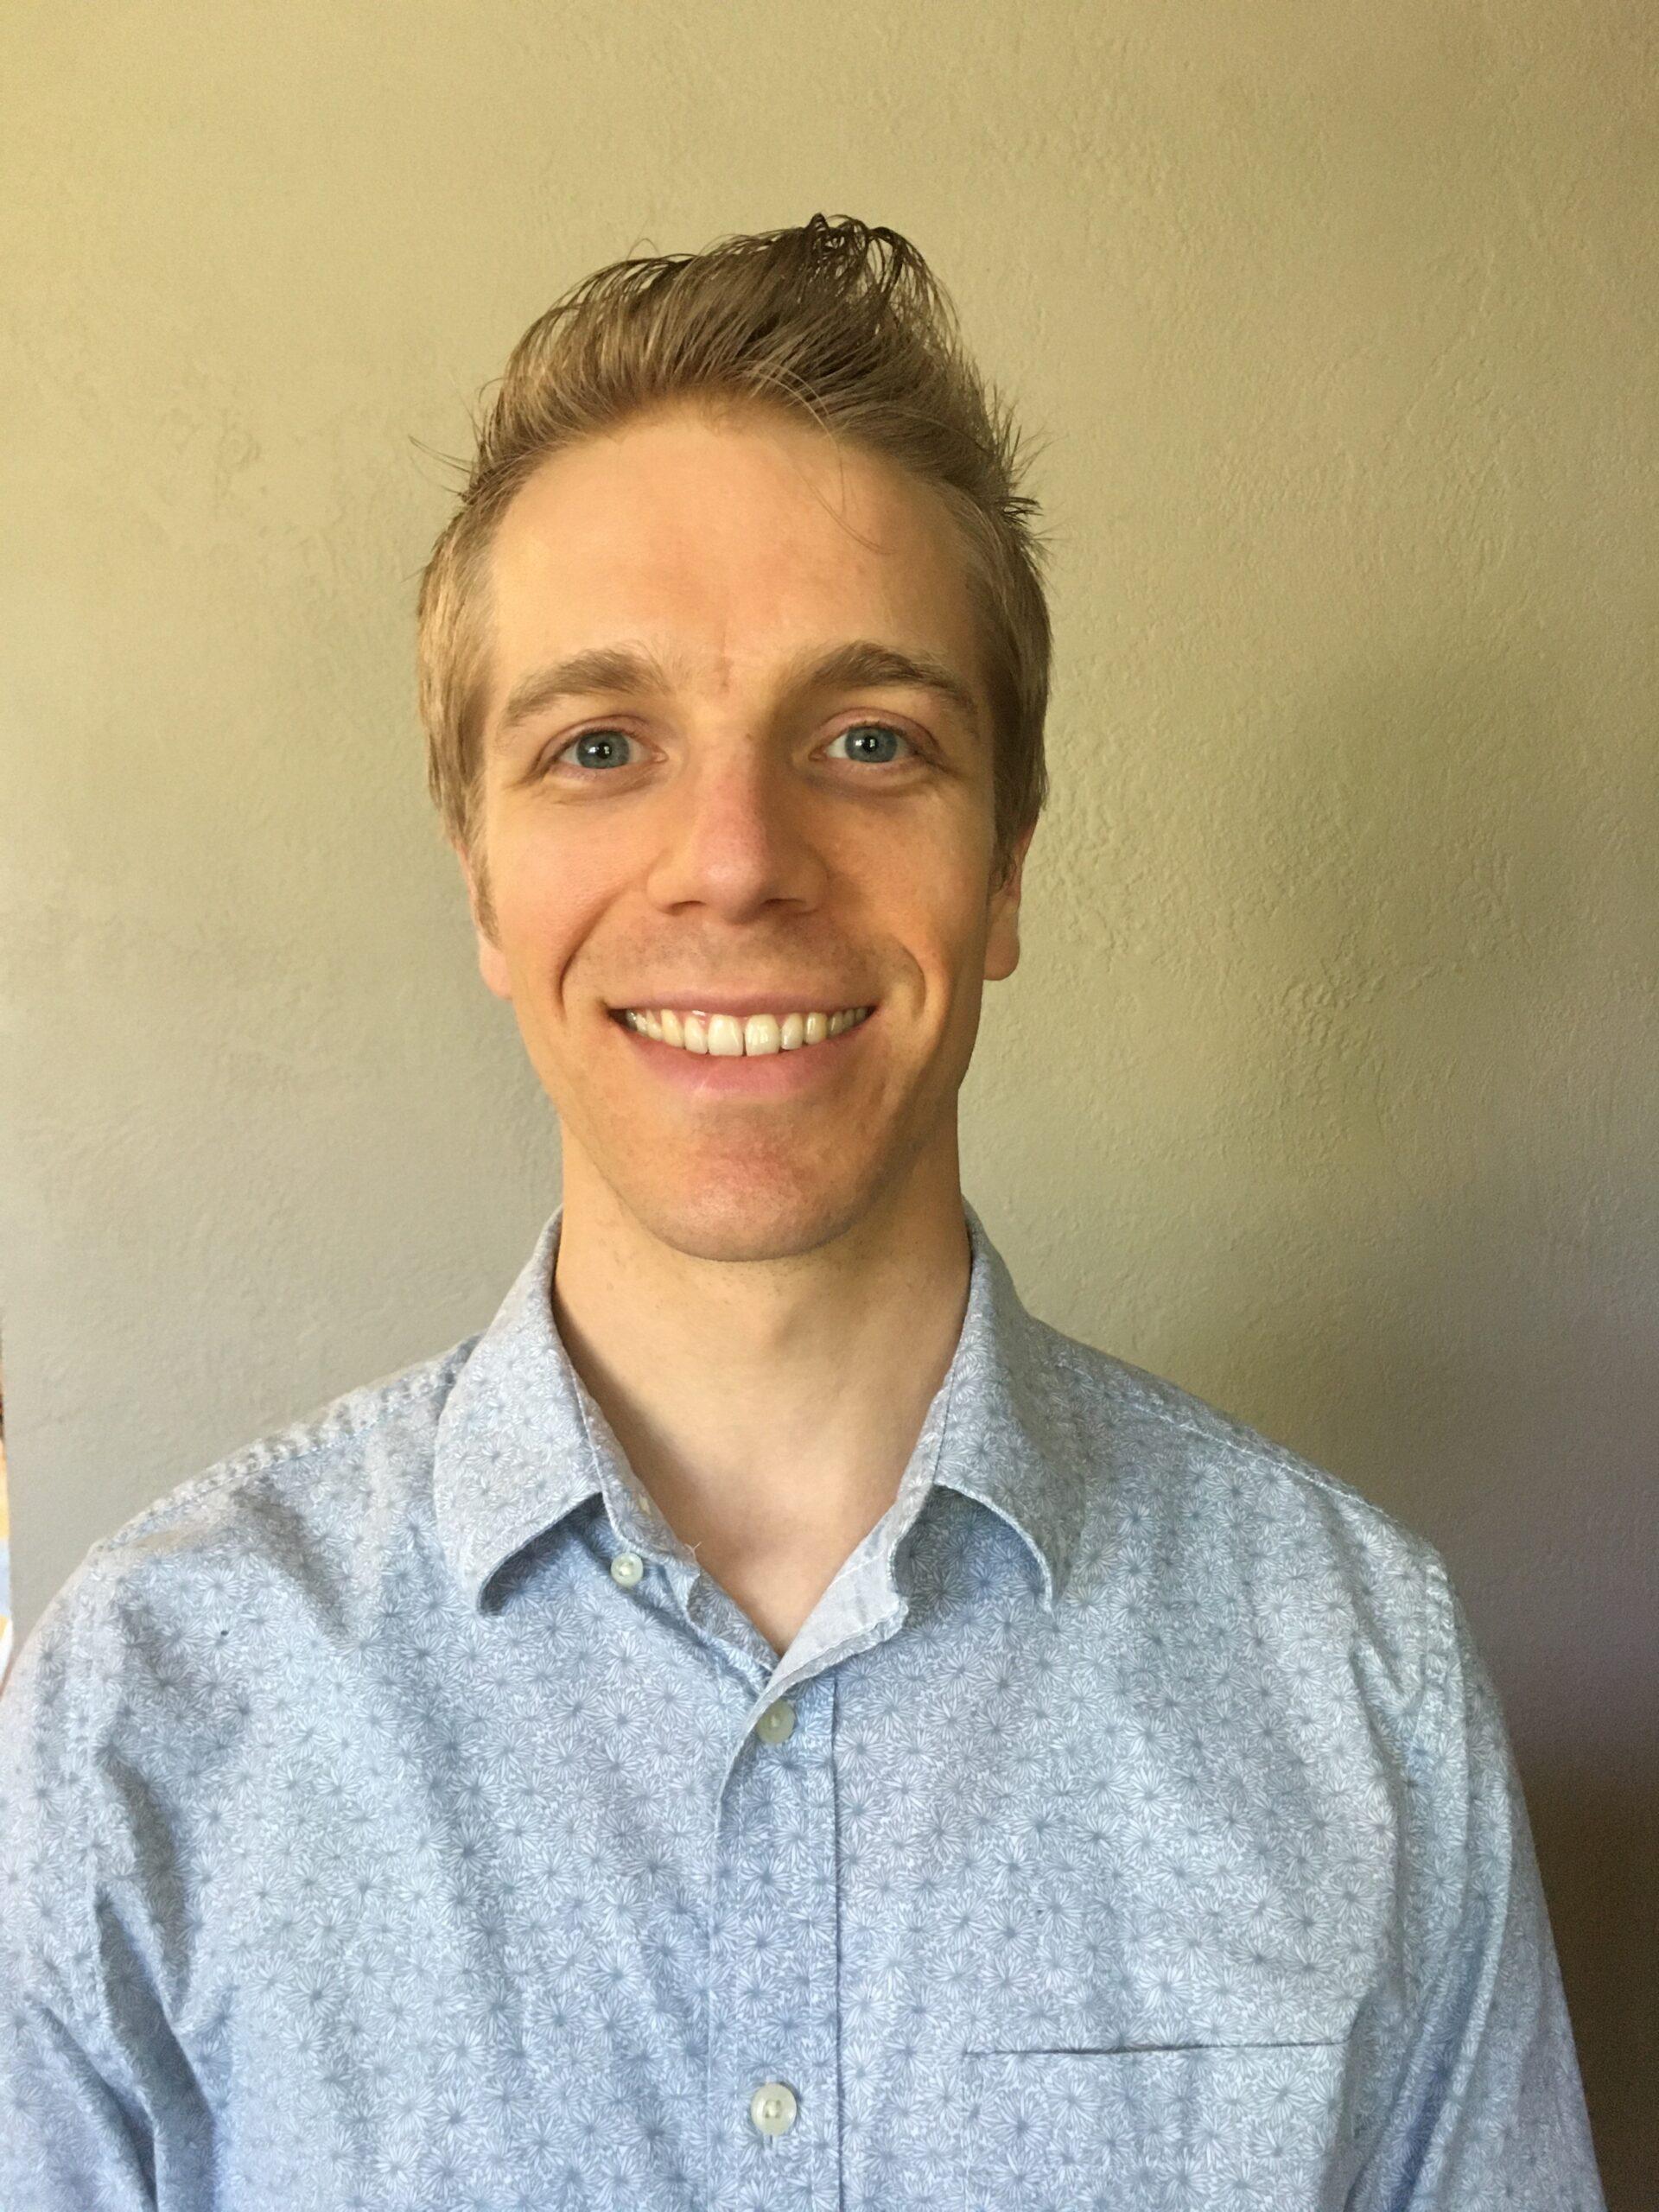 托马斯·坎贝尔,LCSW行为健康治疗师